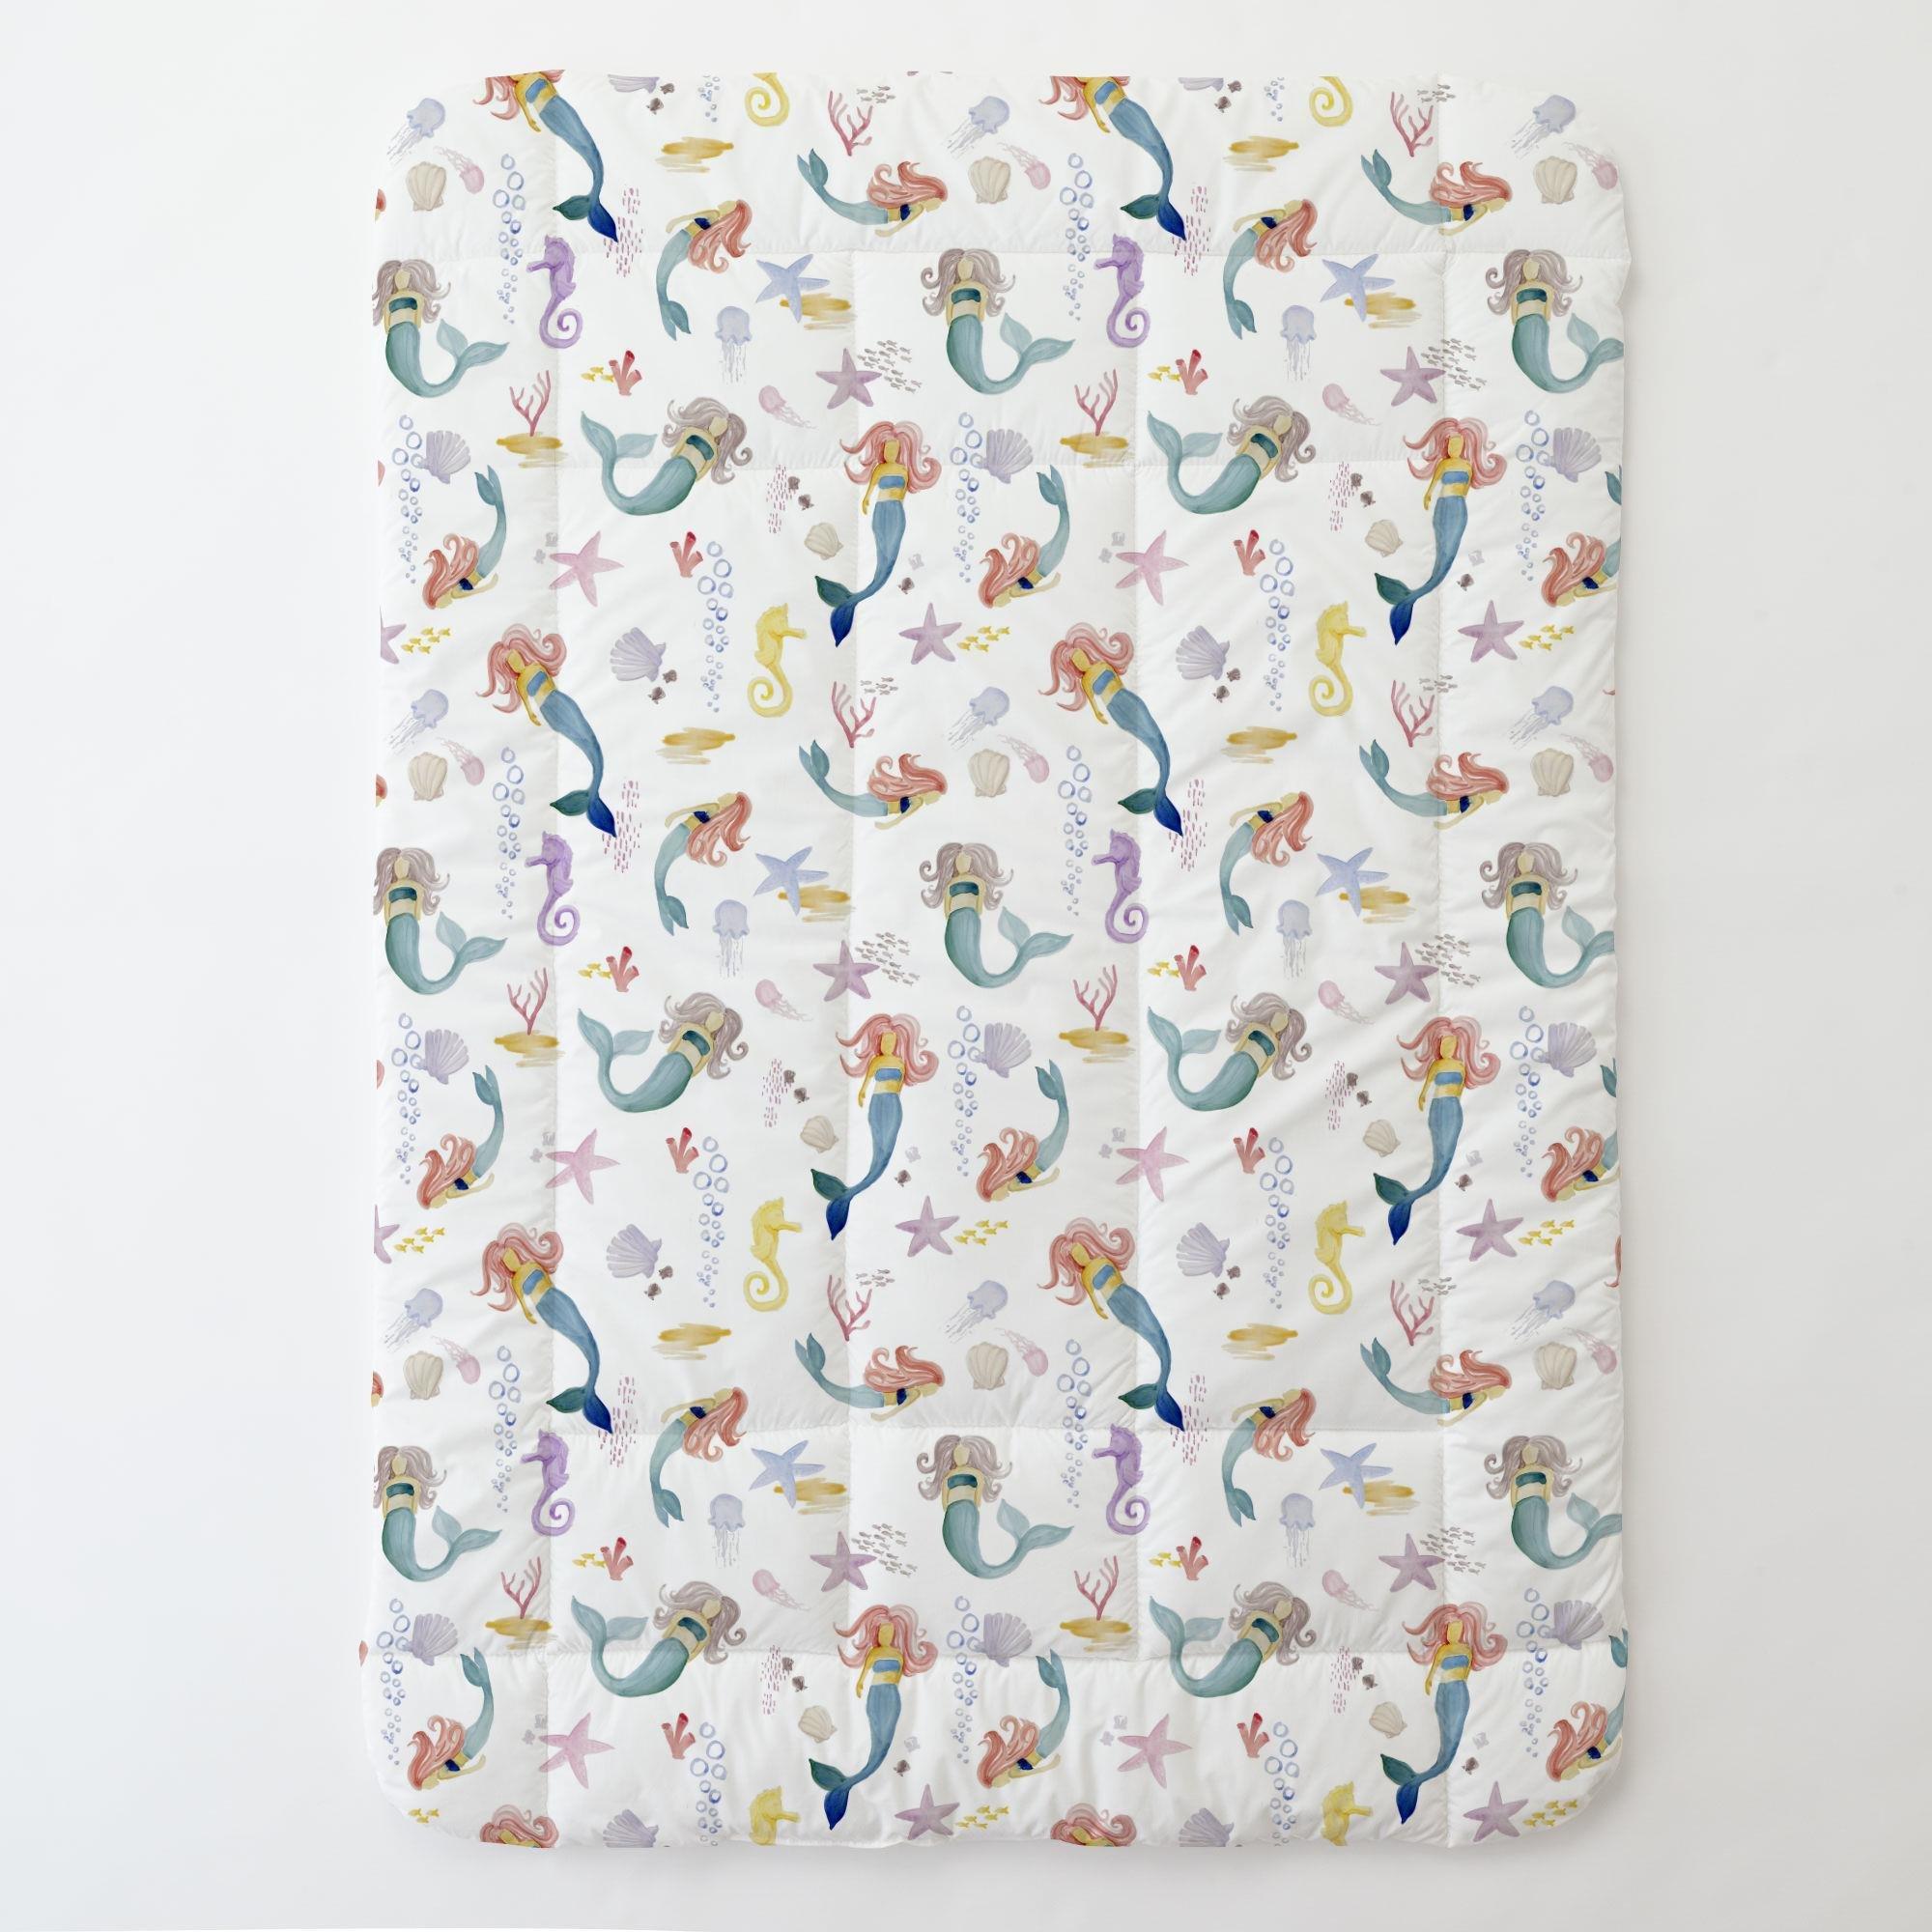 Carousel Designs Watercolor Mermaids Toddler Bed Comforter